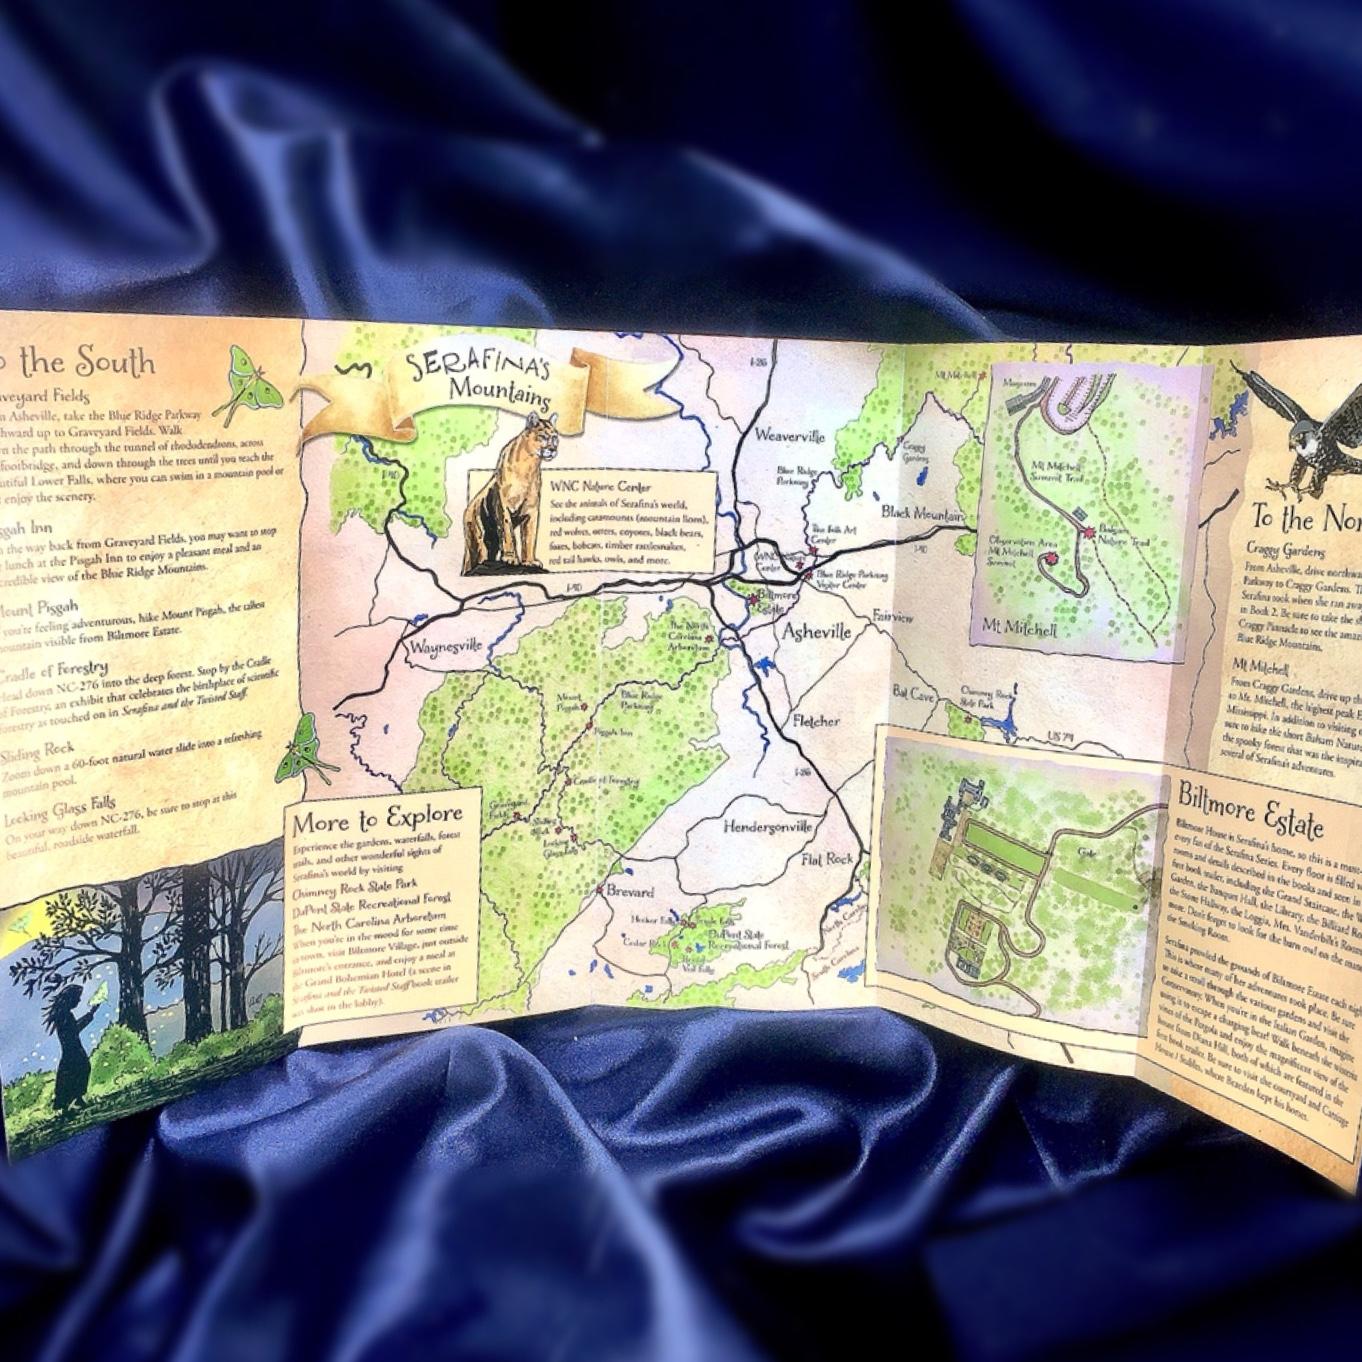 Adventure Map of Serafina & Willa's Mountains